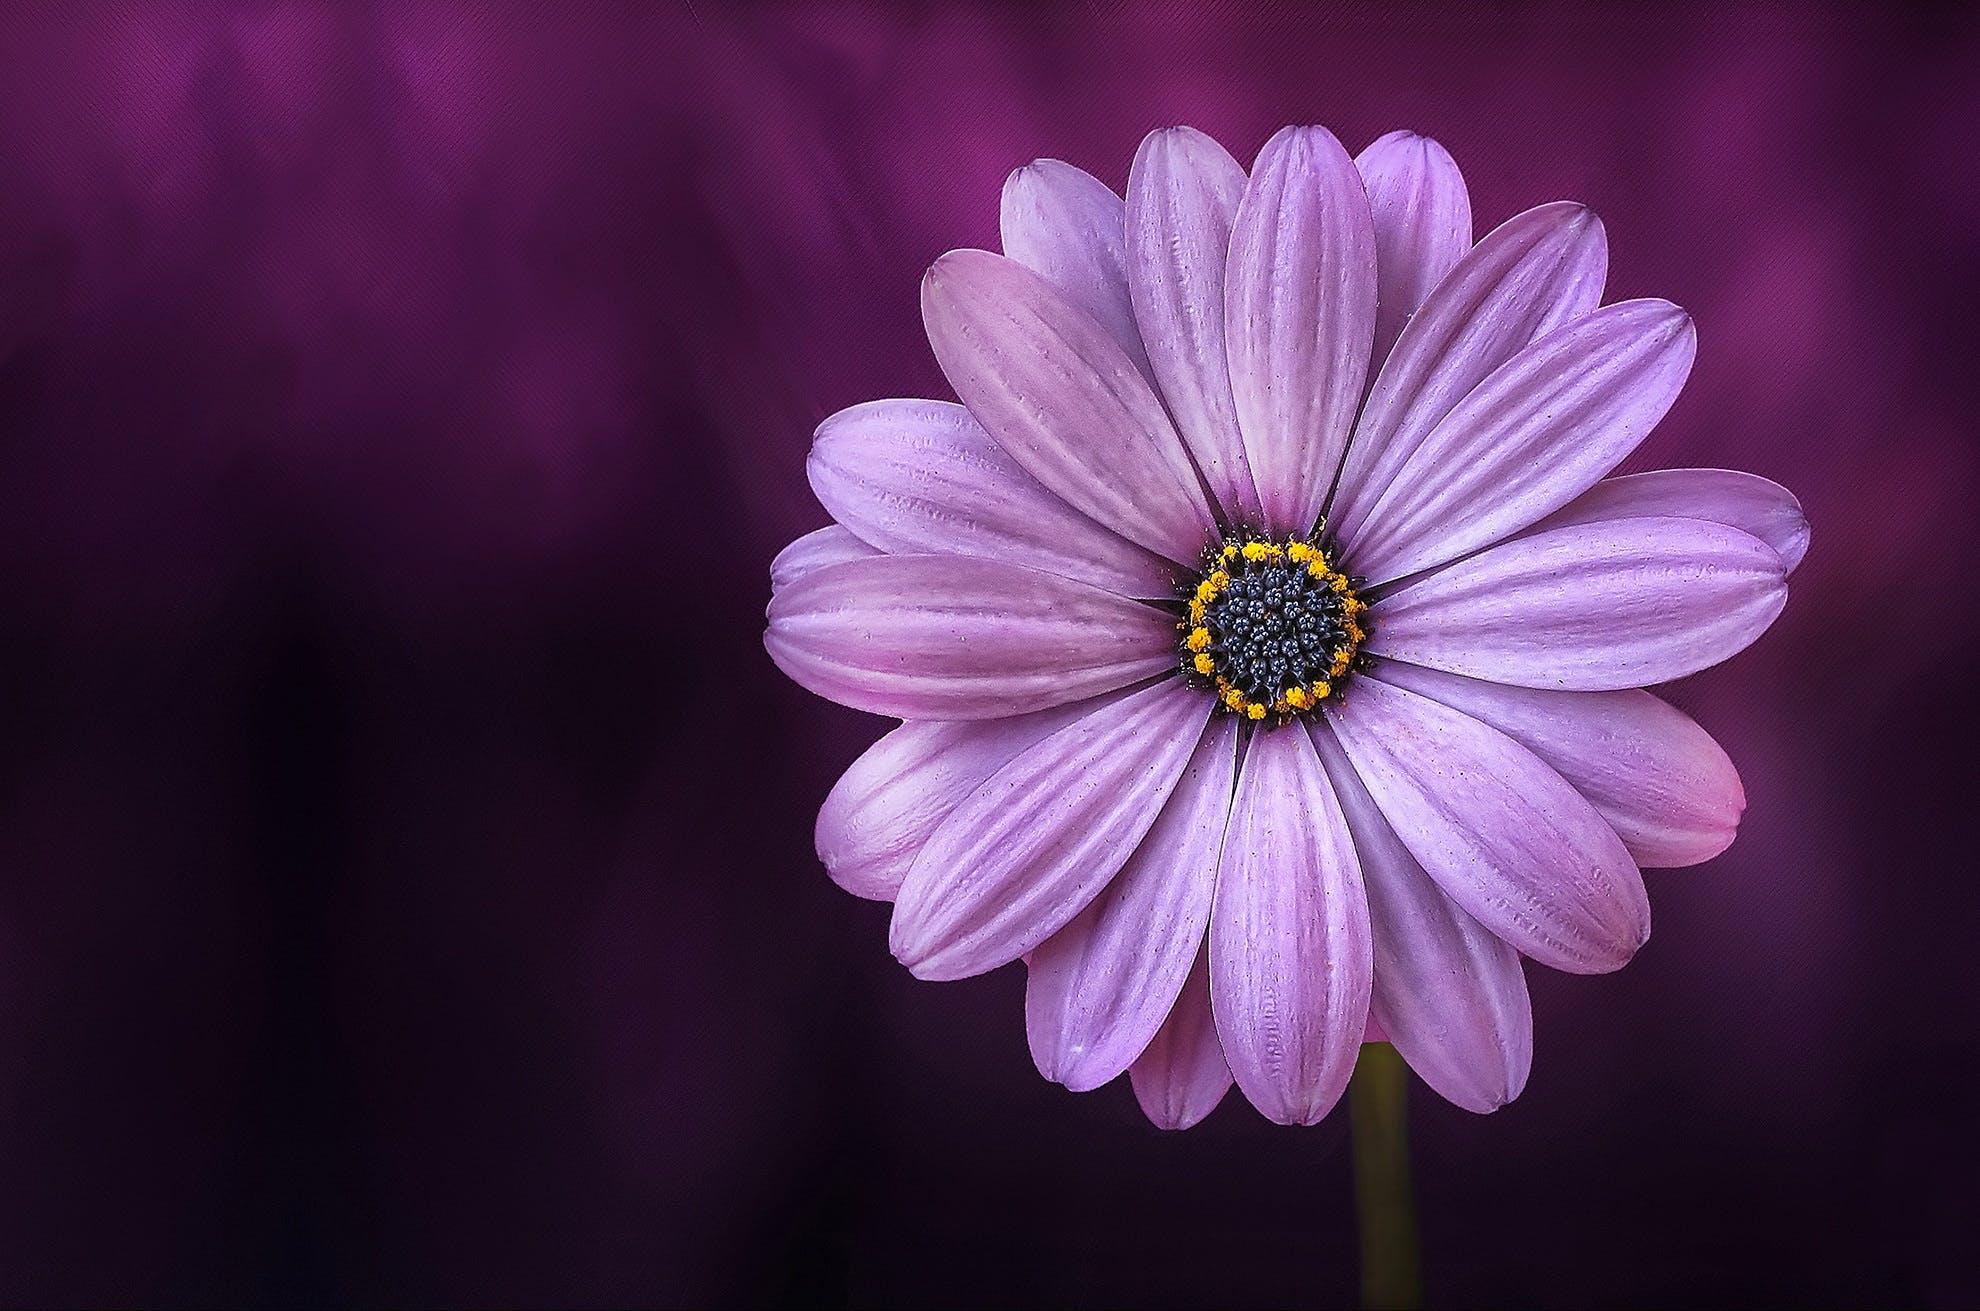 Purple Daisybush Flower